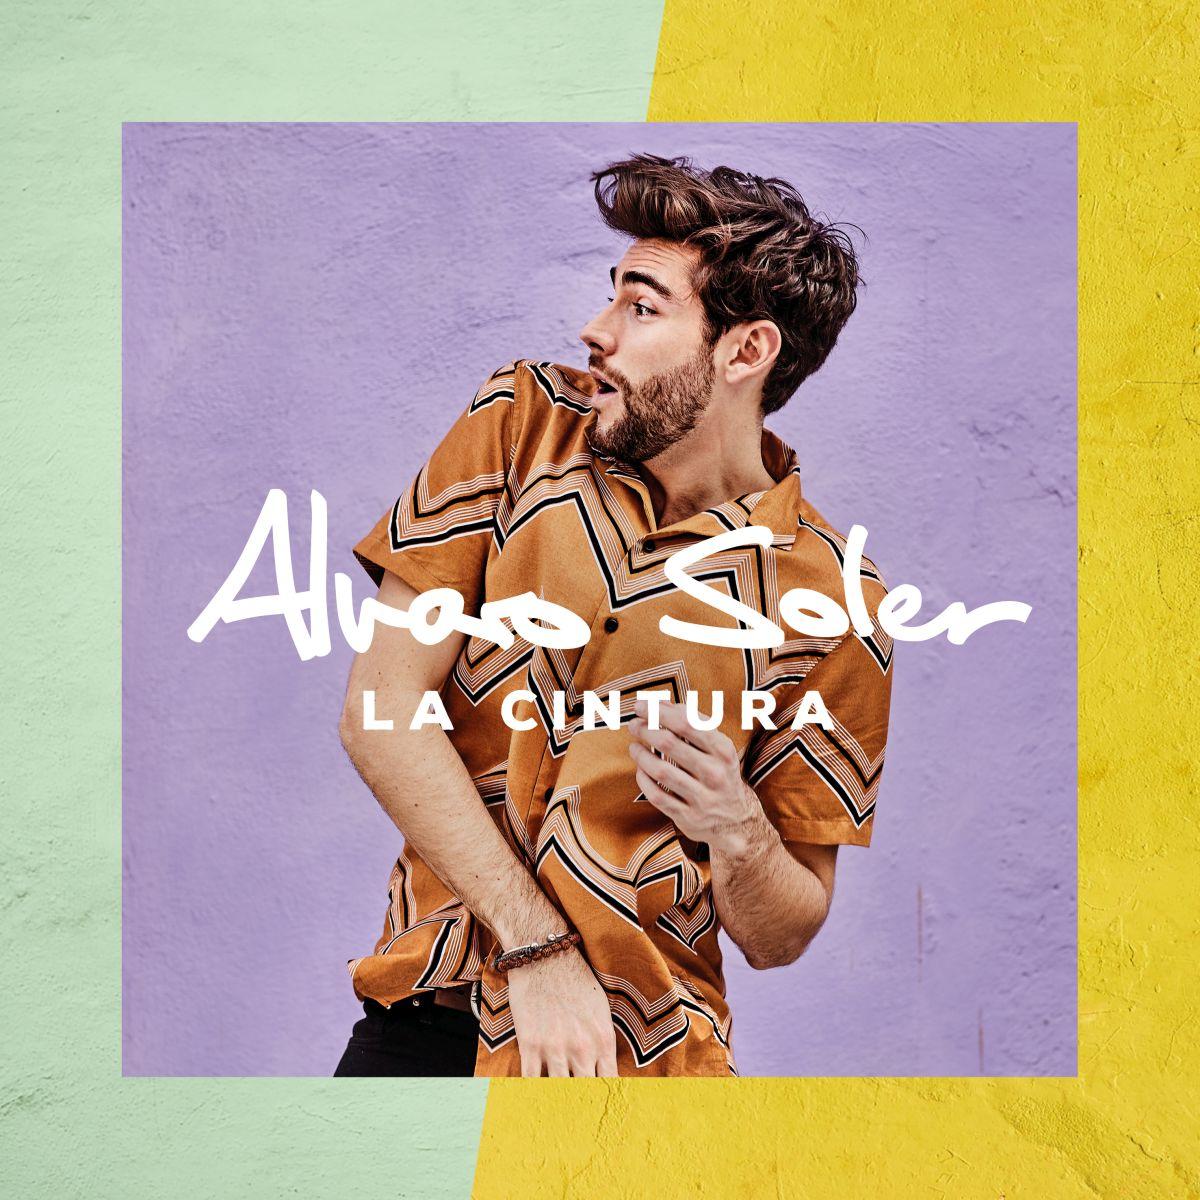 Cover: La cintura, Alvaro Soler